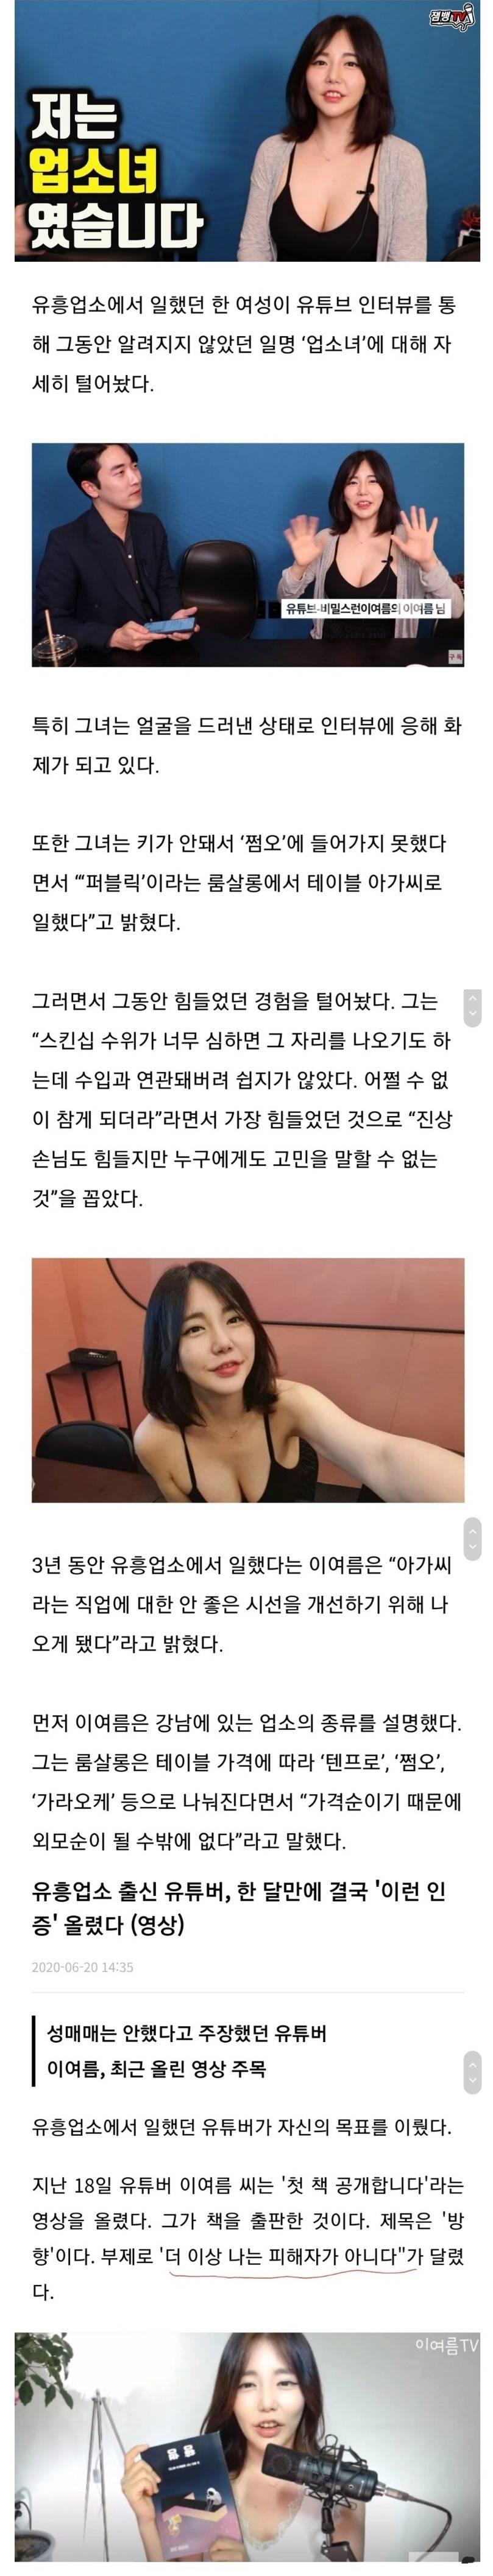 업소녀 유투버 근황 | 인스티즈